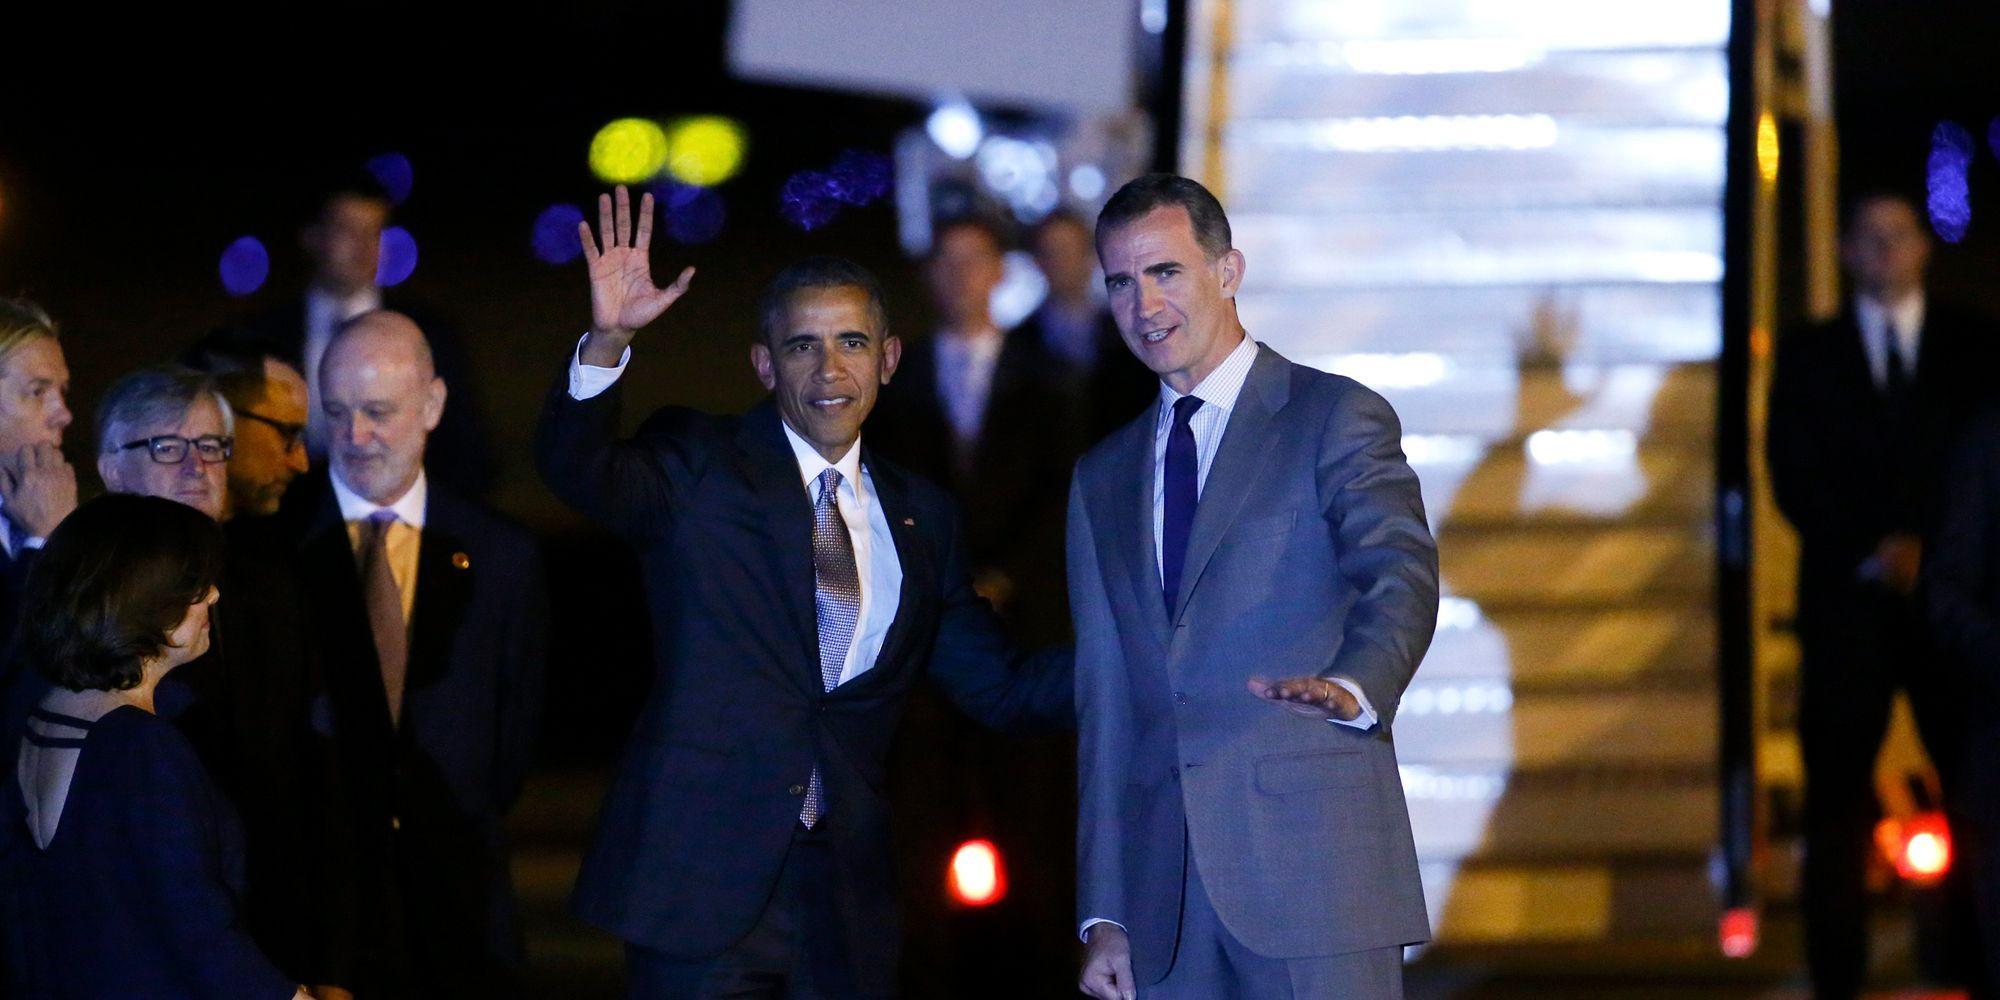 Esta será la única visita oficial de Obama al país, y la primera de un mandatario estadounidense en quince años. | Foto: Reuters